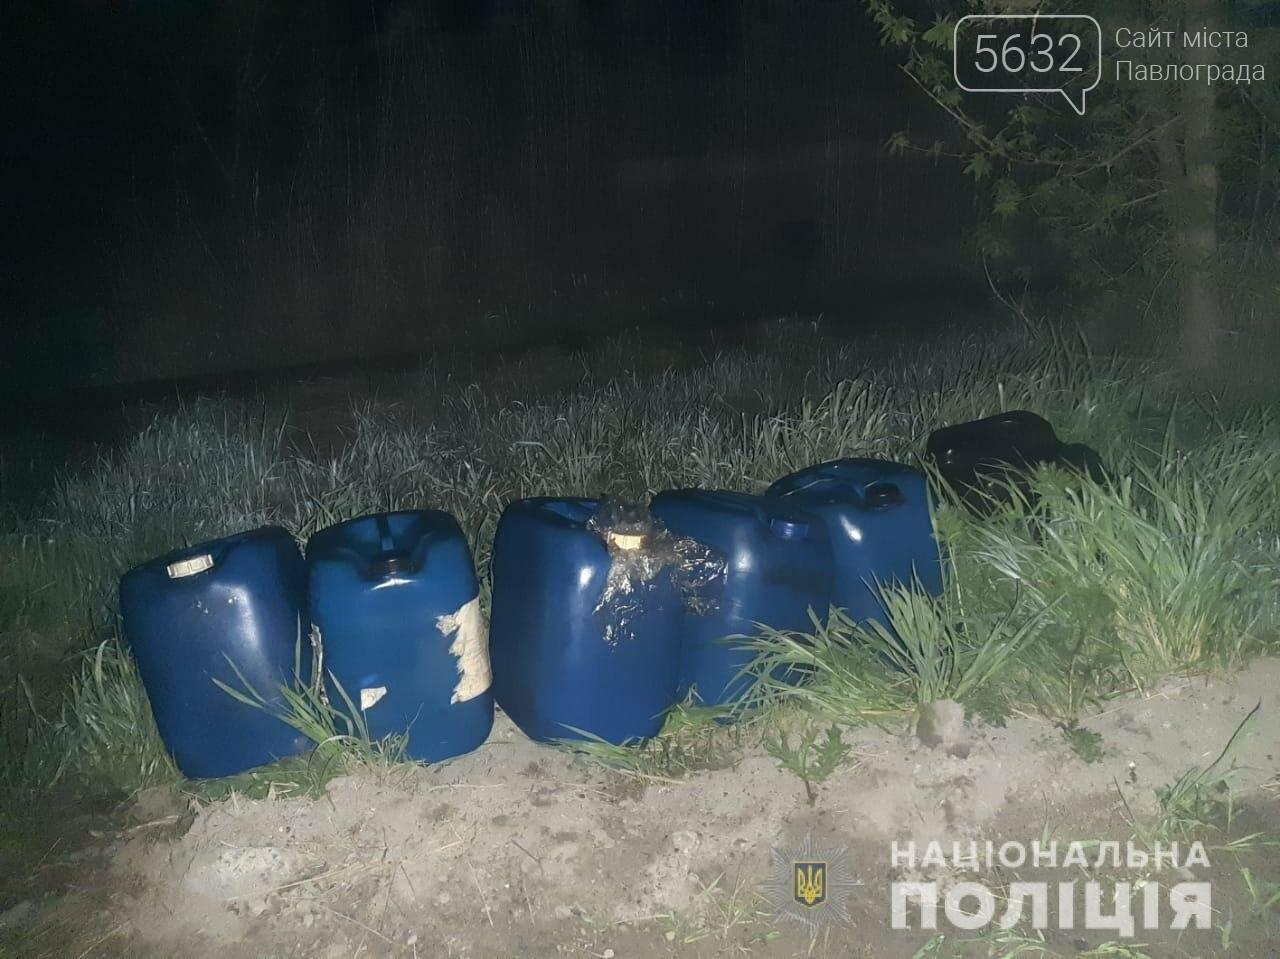 Житель Павлограда слил из чужого грузовика более 200 литров дизельного топлива, фото-1